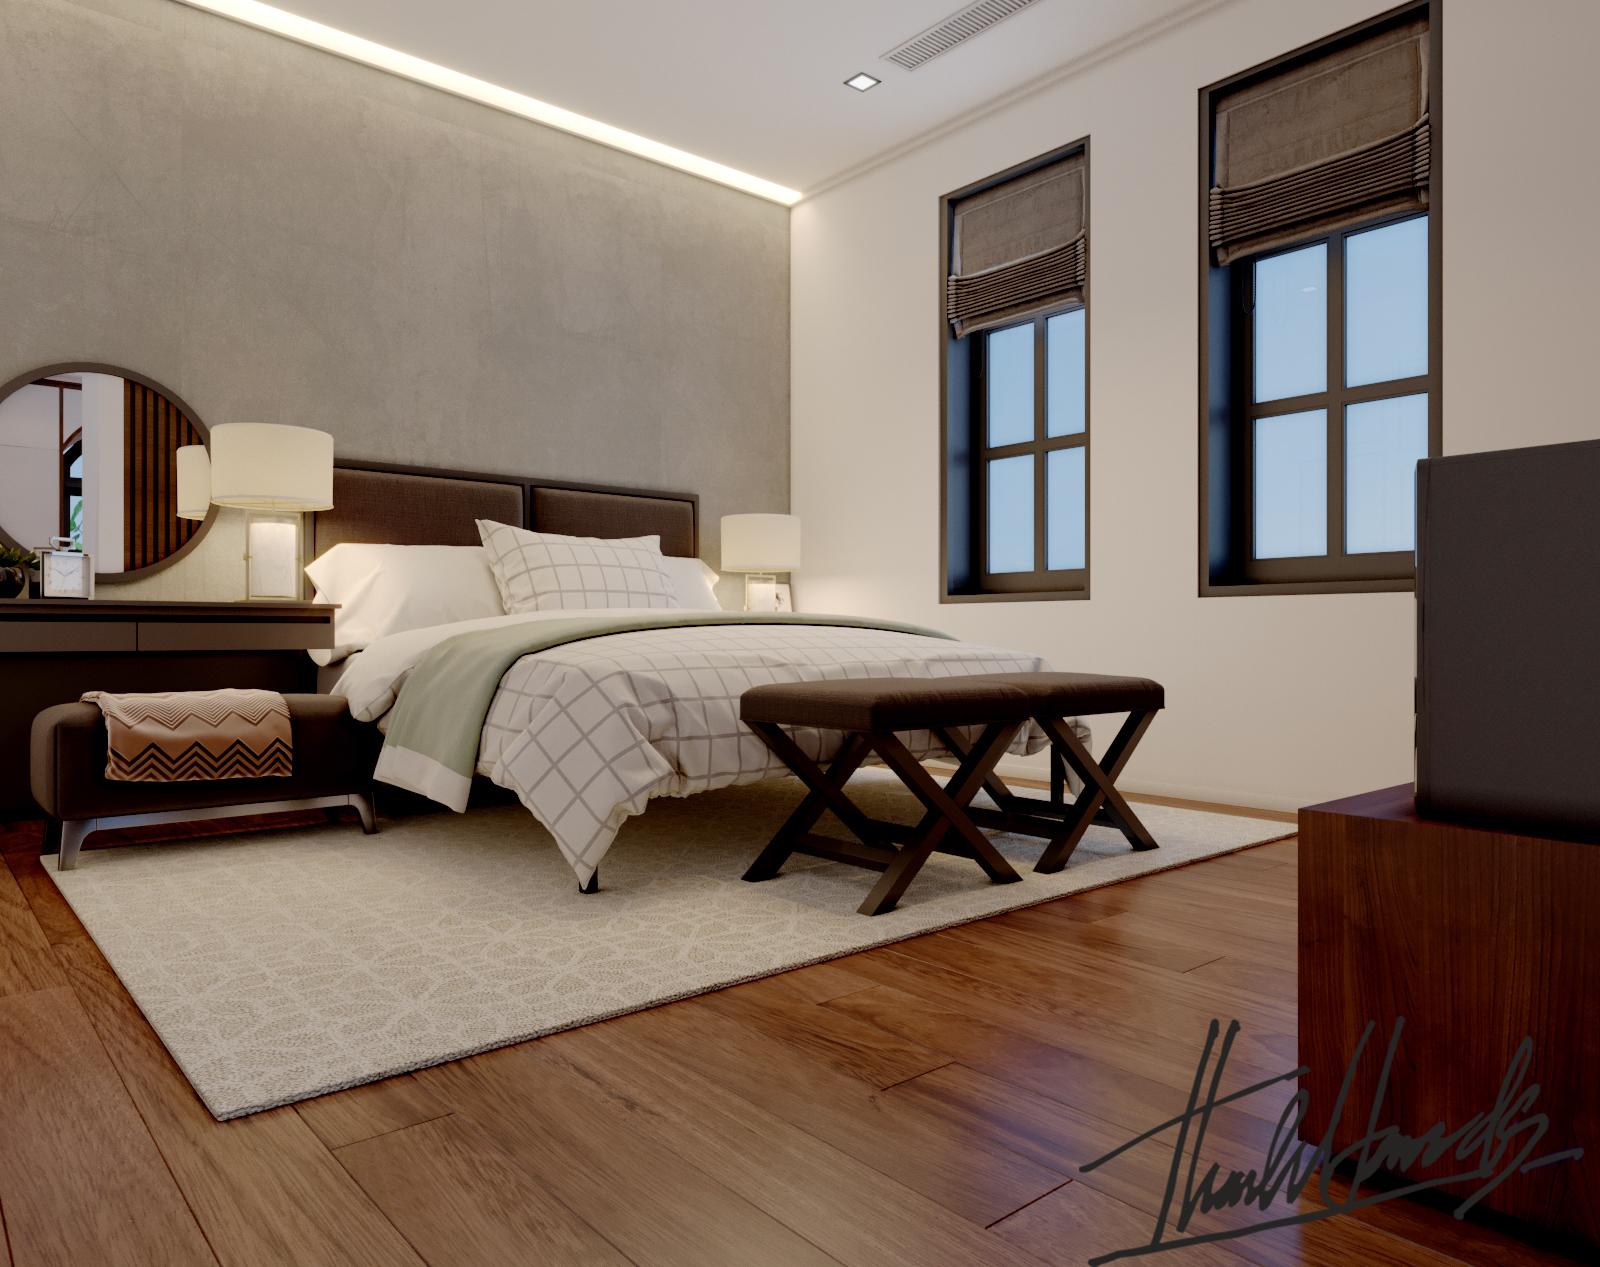 thiết kế nội thất Biệt Thự tại Hải Phòng Biệt thự Vinhomes - imperia ( khu VEN) 17 1568278770